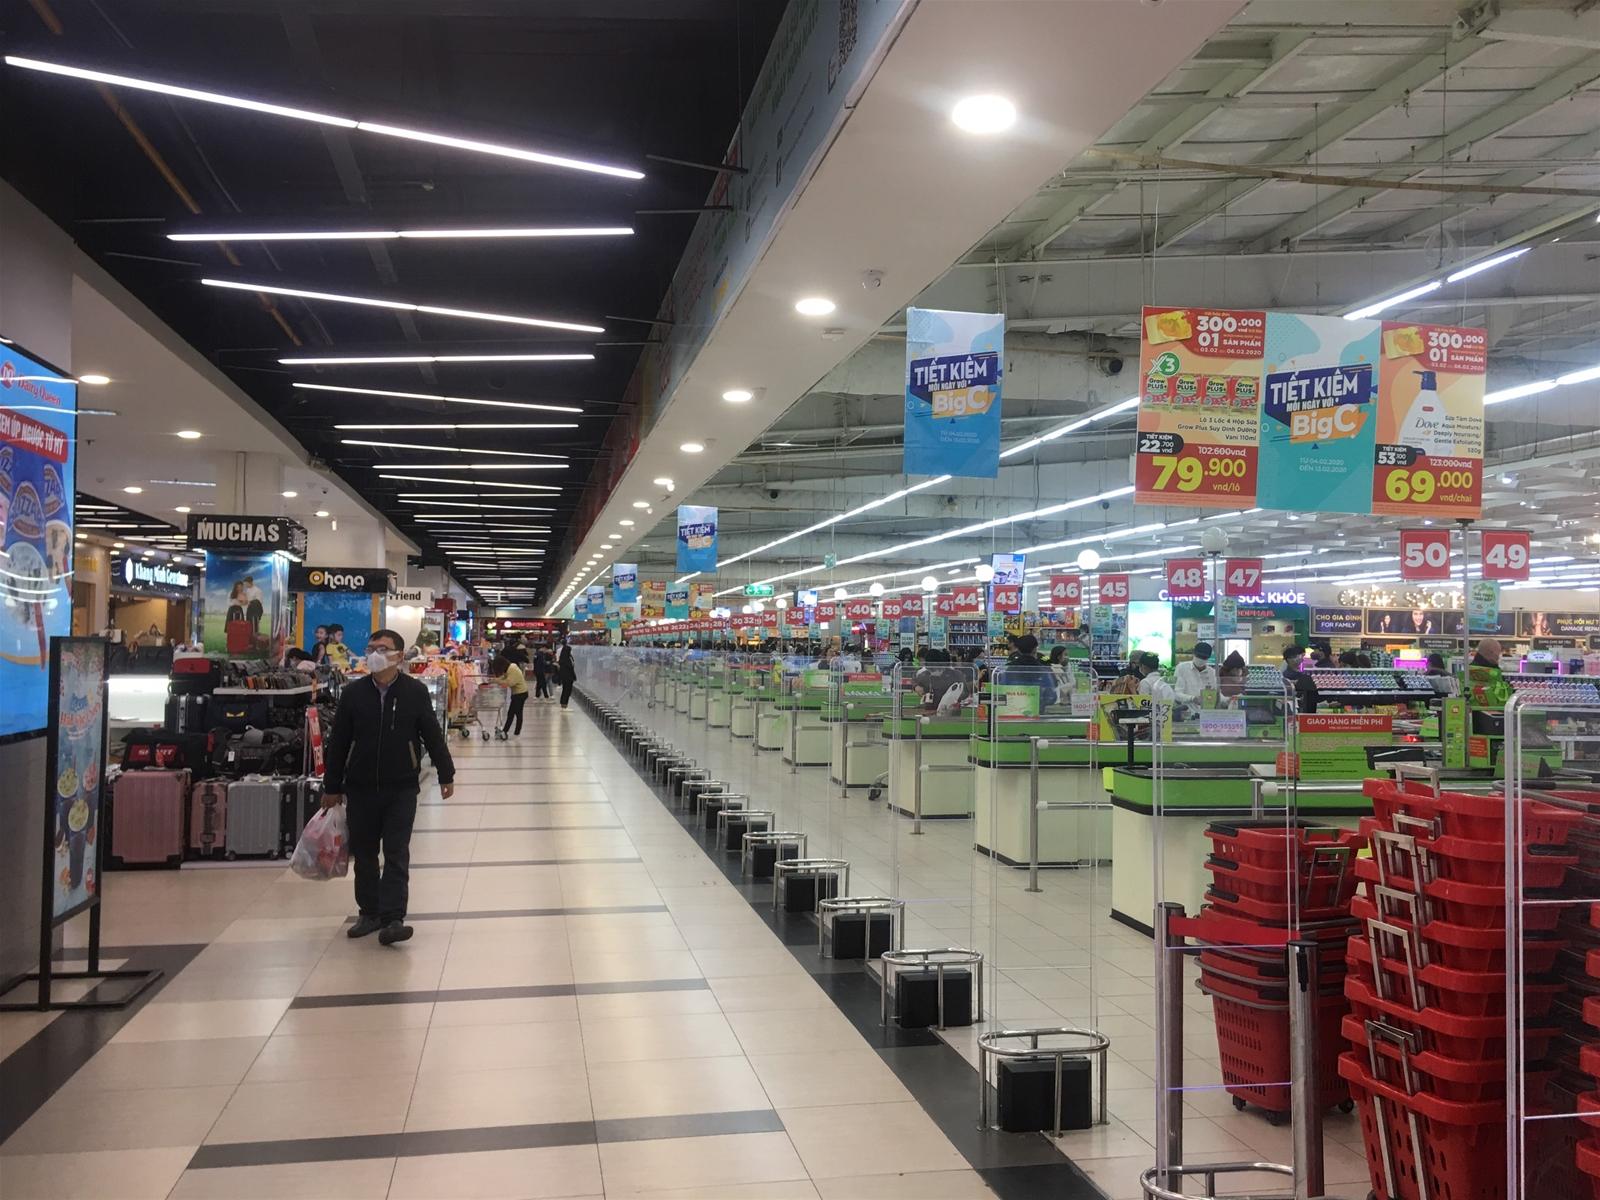 Mặt bằng bán lẻ và trung tâm thương mại: Đổi chiến lược để